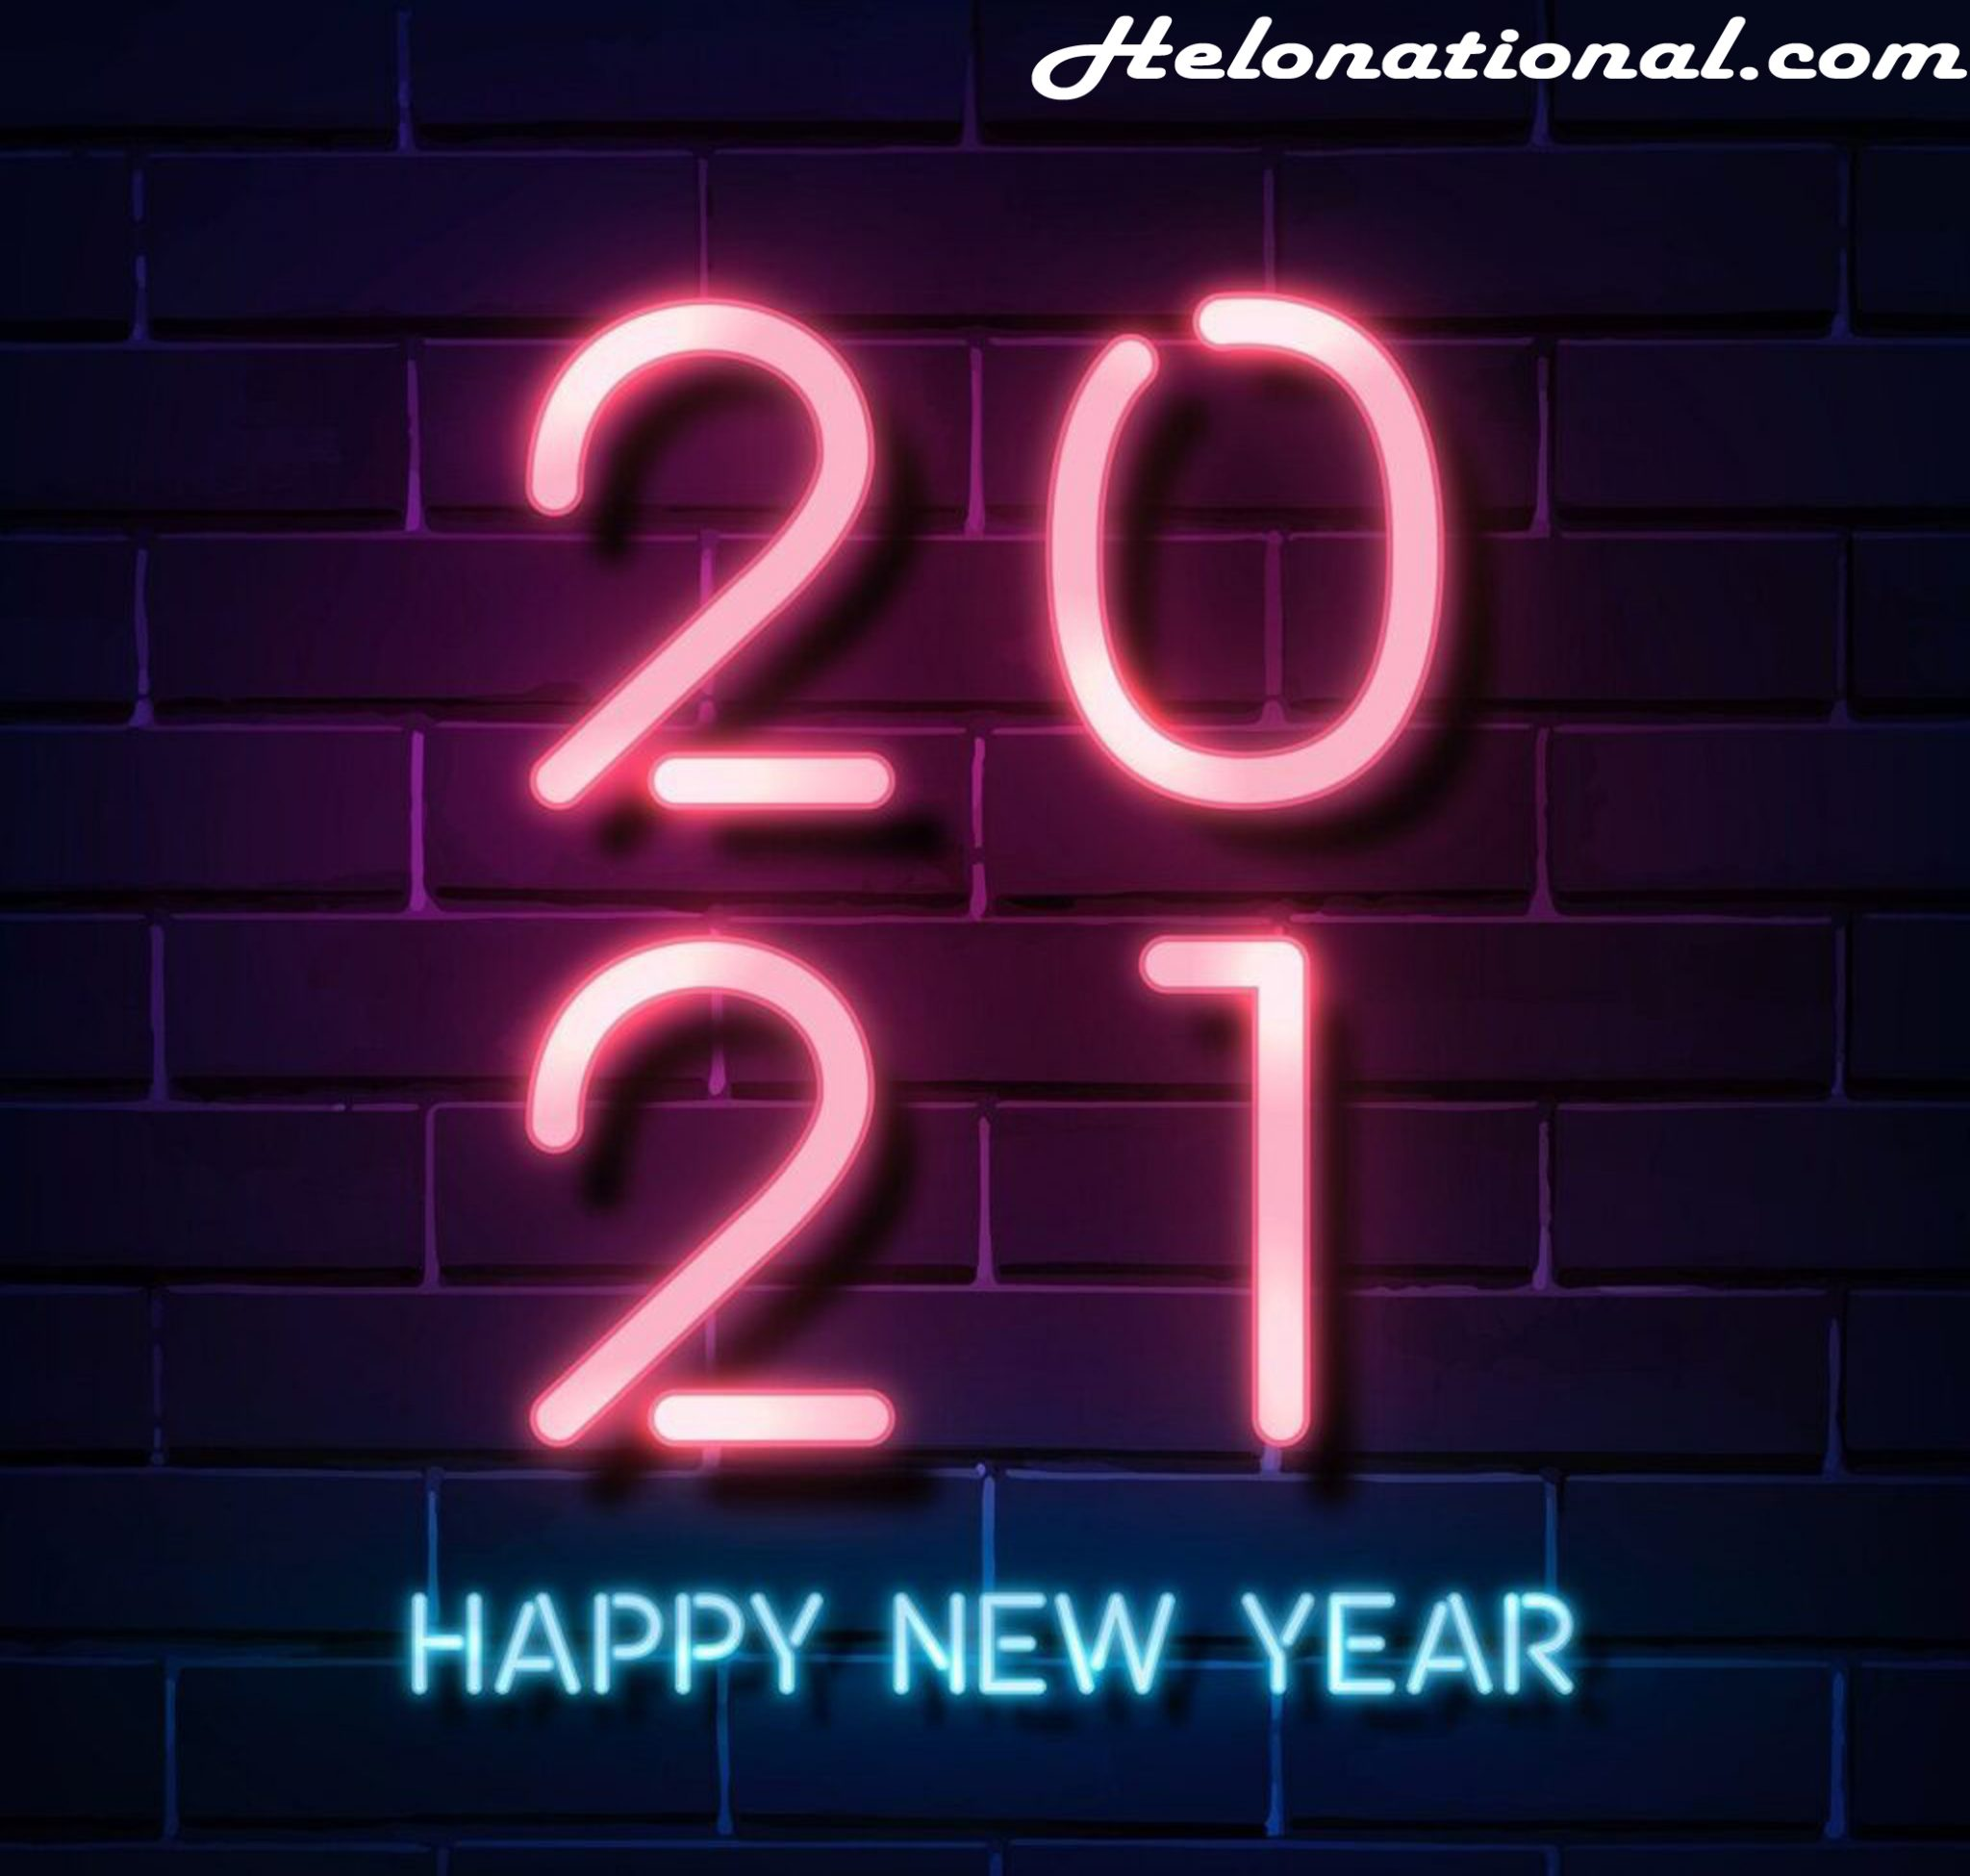 HNY 2021 Photos 1